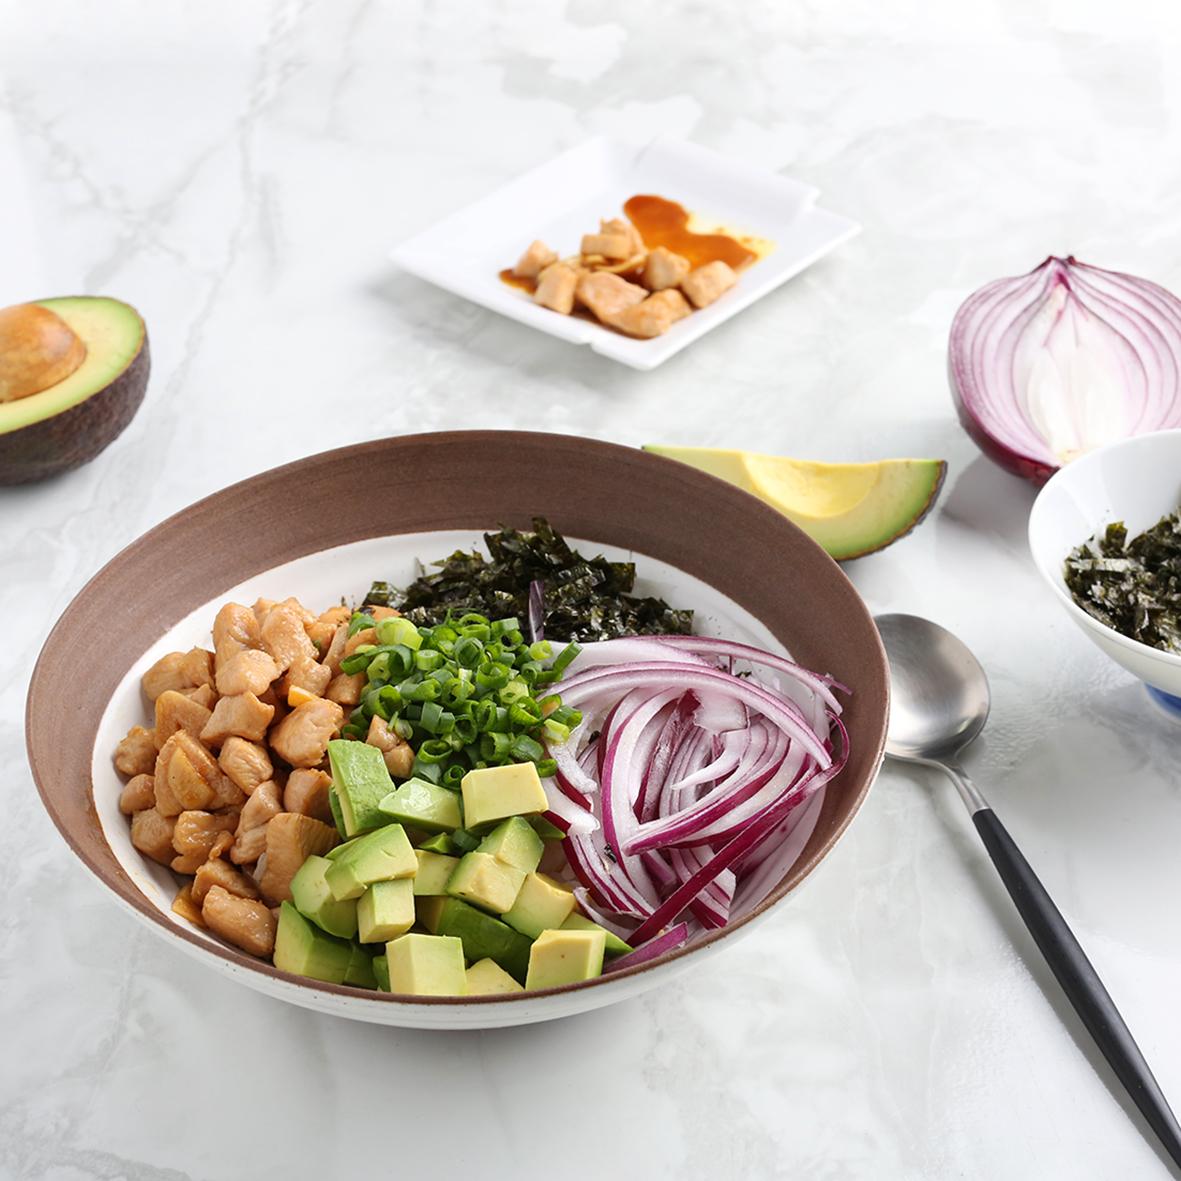 치킨 아보카도 덮밥